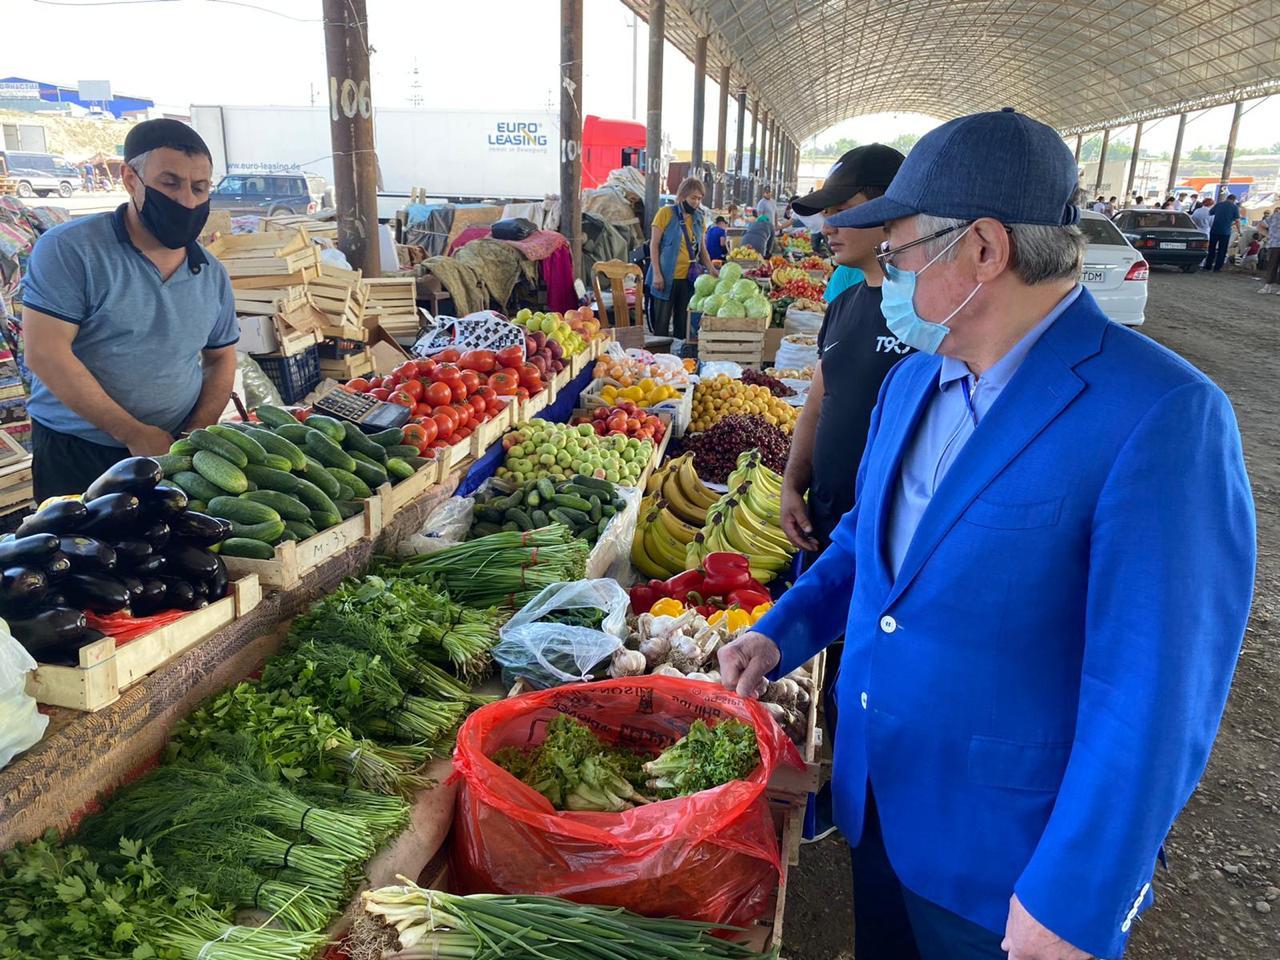 Бердибек Сапарбаев поручил устранить нарушение санитарных требований на рынке «Ауыл береке»